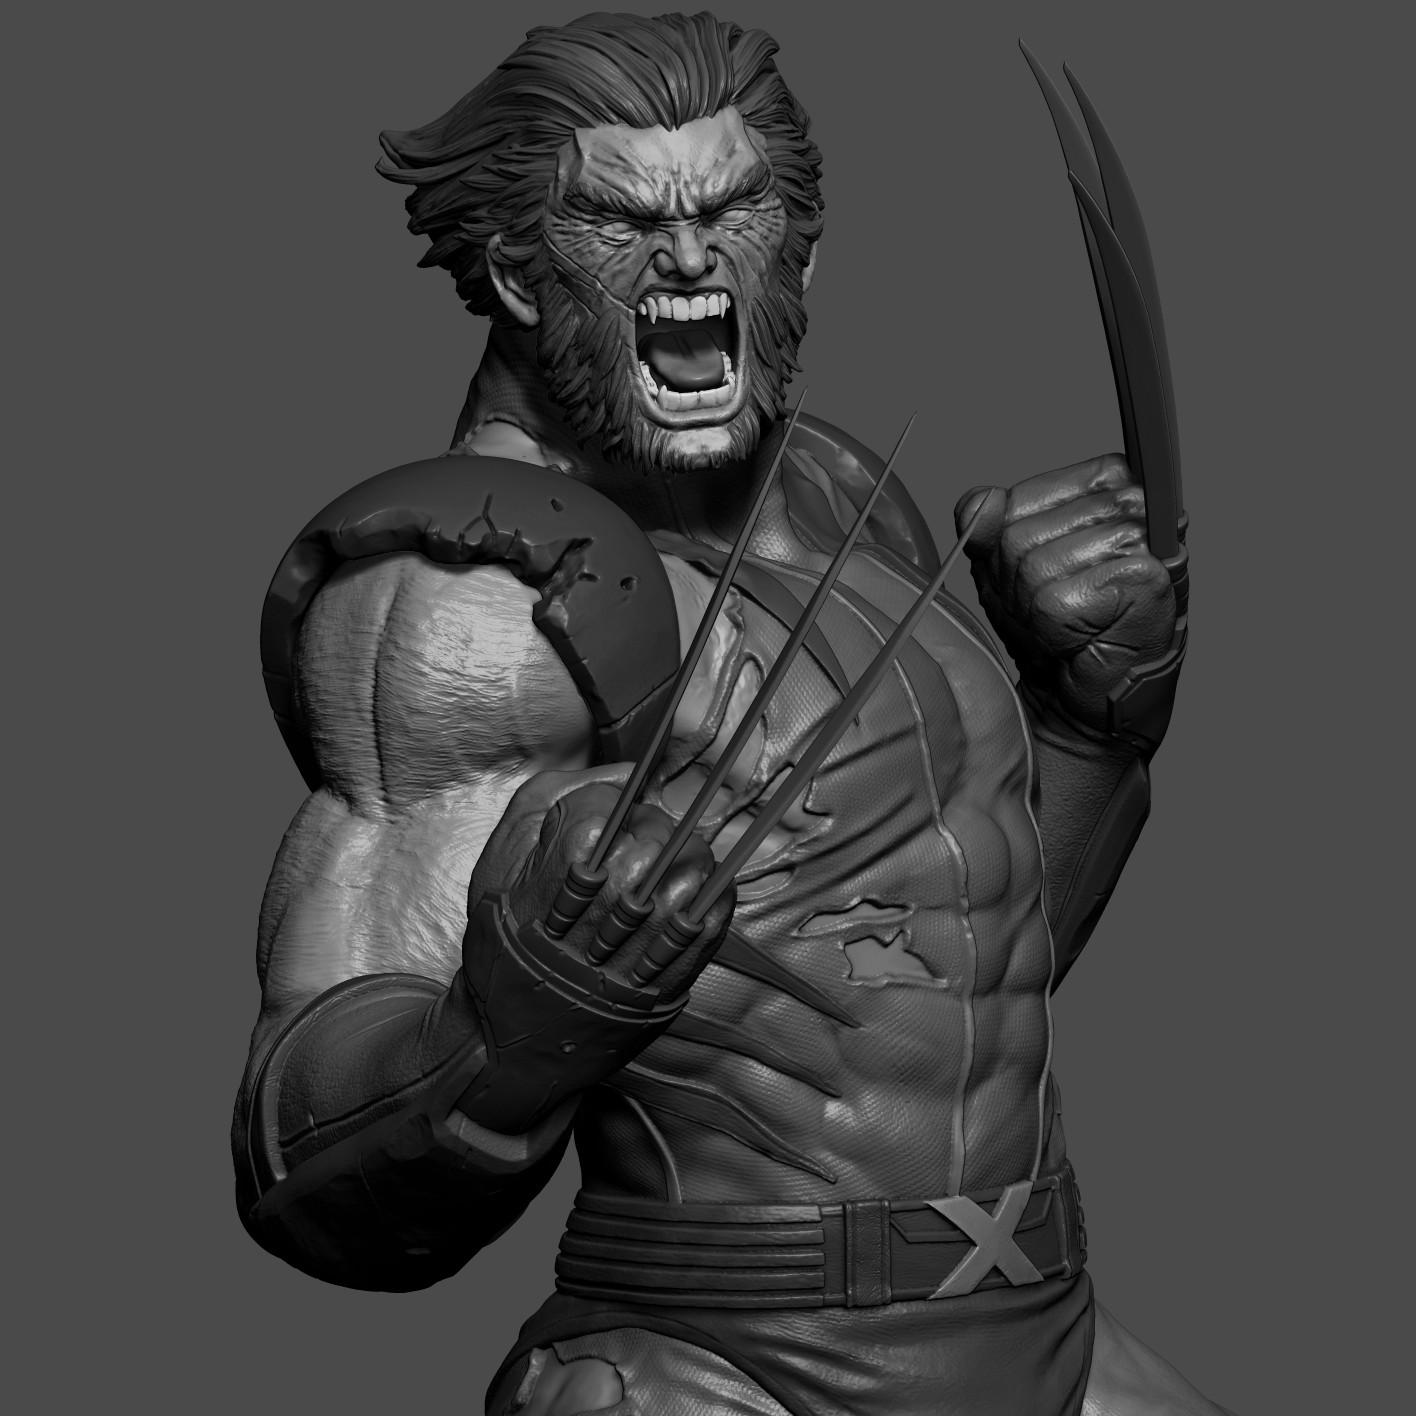 Wolverine : Final